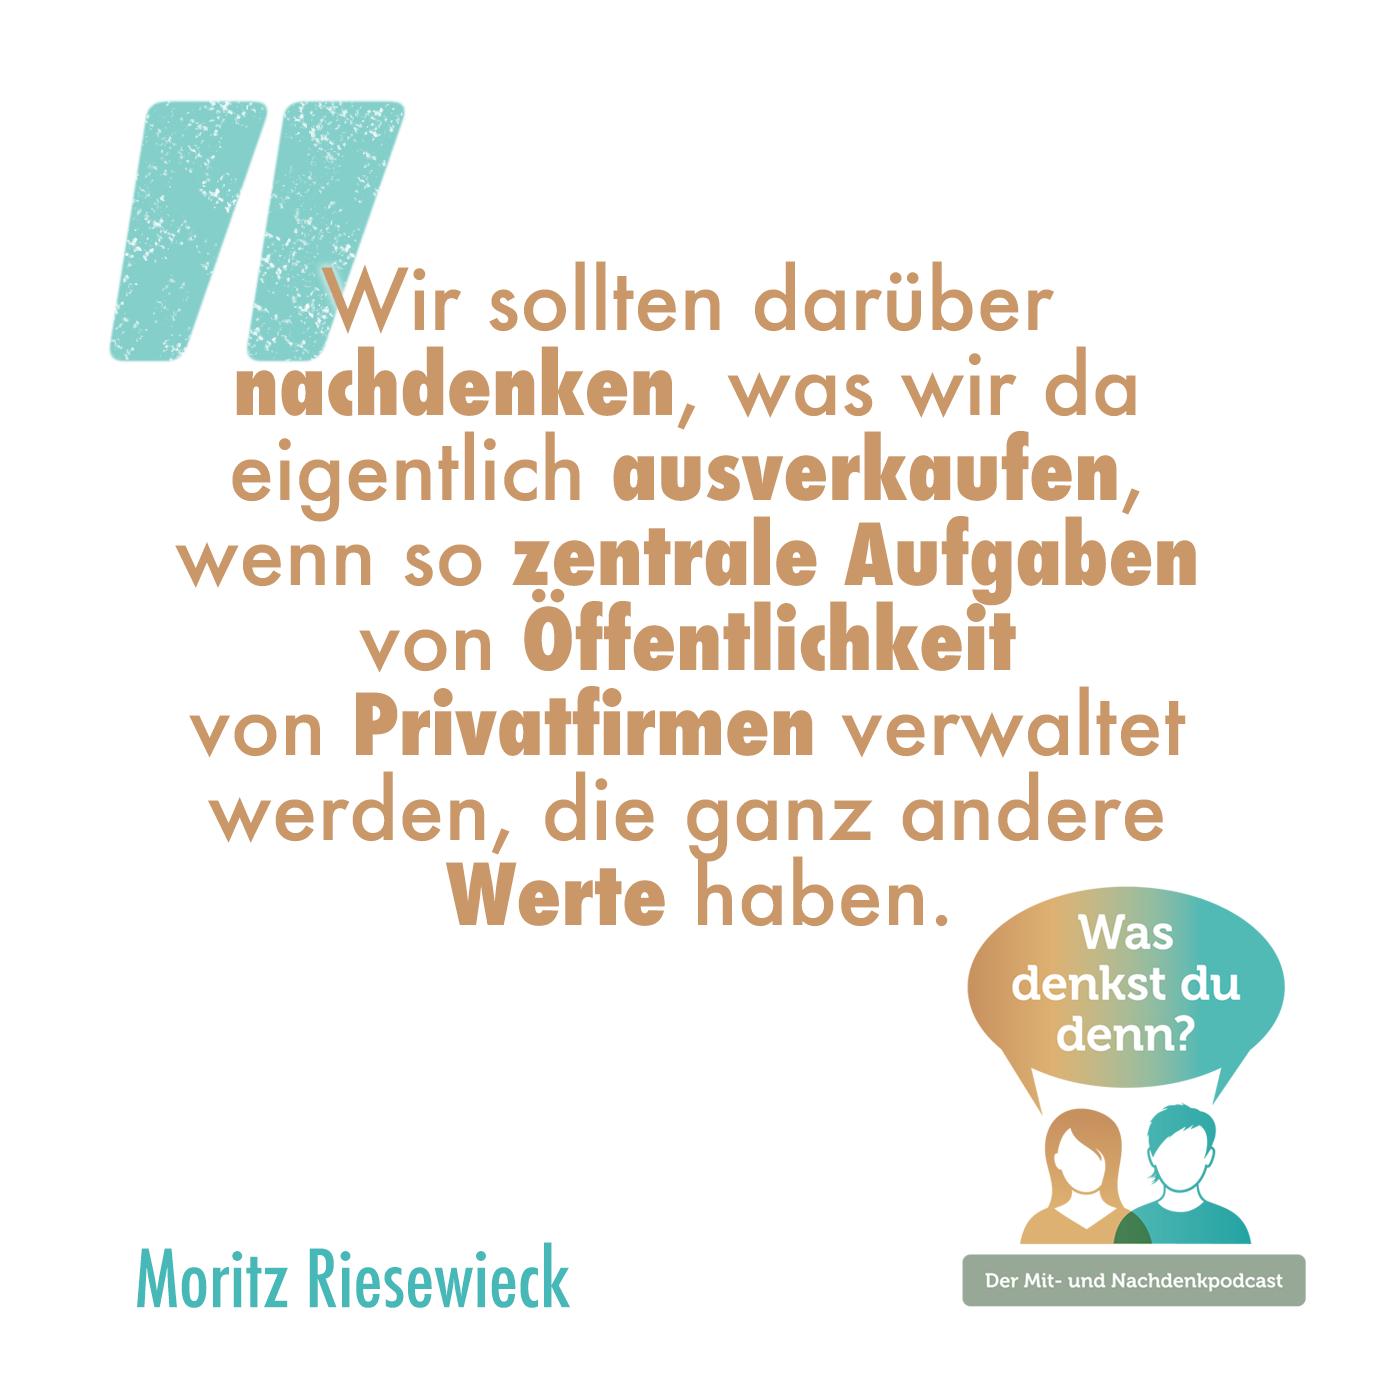 Zitat Moritz Riesewieck: Wir sollten darüber nachdenken, was wir da eigentlich ausverkaufen, wenn so zentrale Aufgaben von Öffentlichkeit von Privatfirmen verwaltet werden, die ganz andere Werte haben.